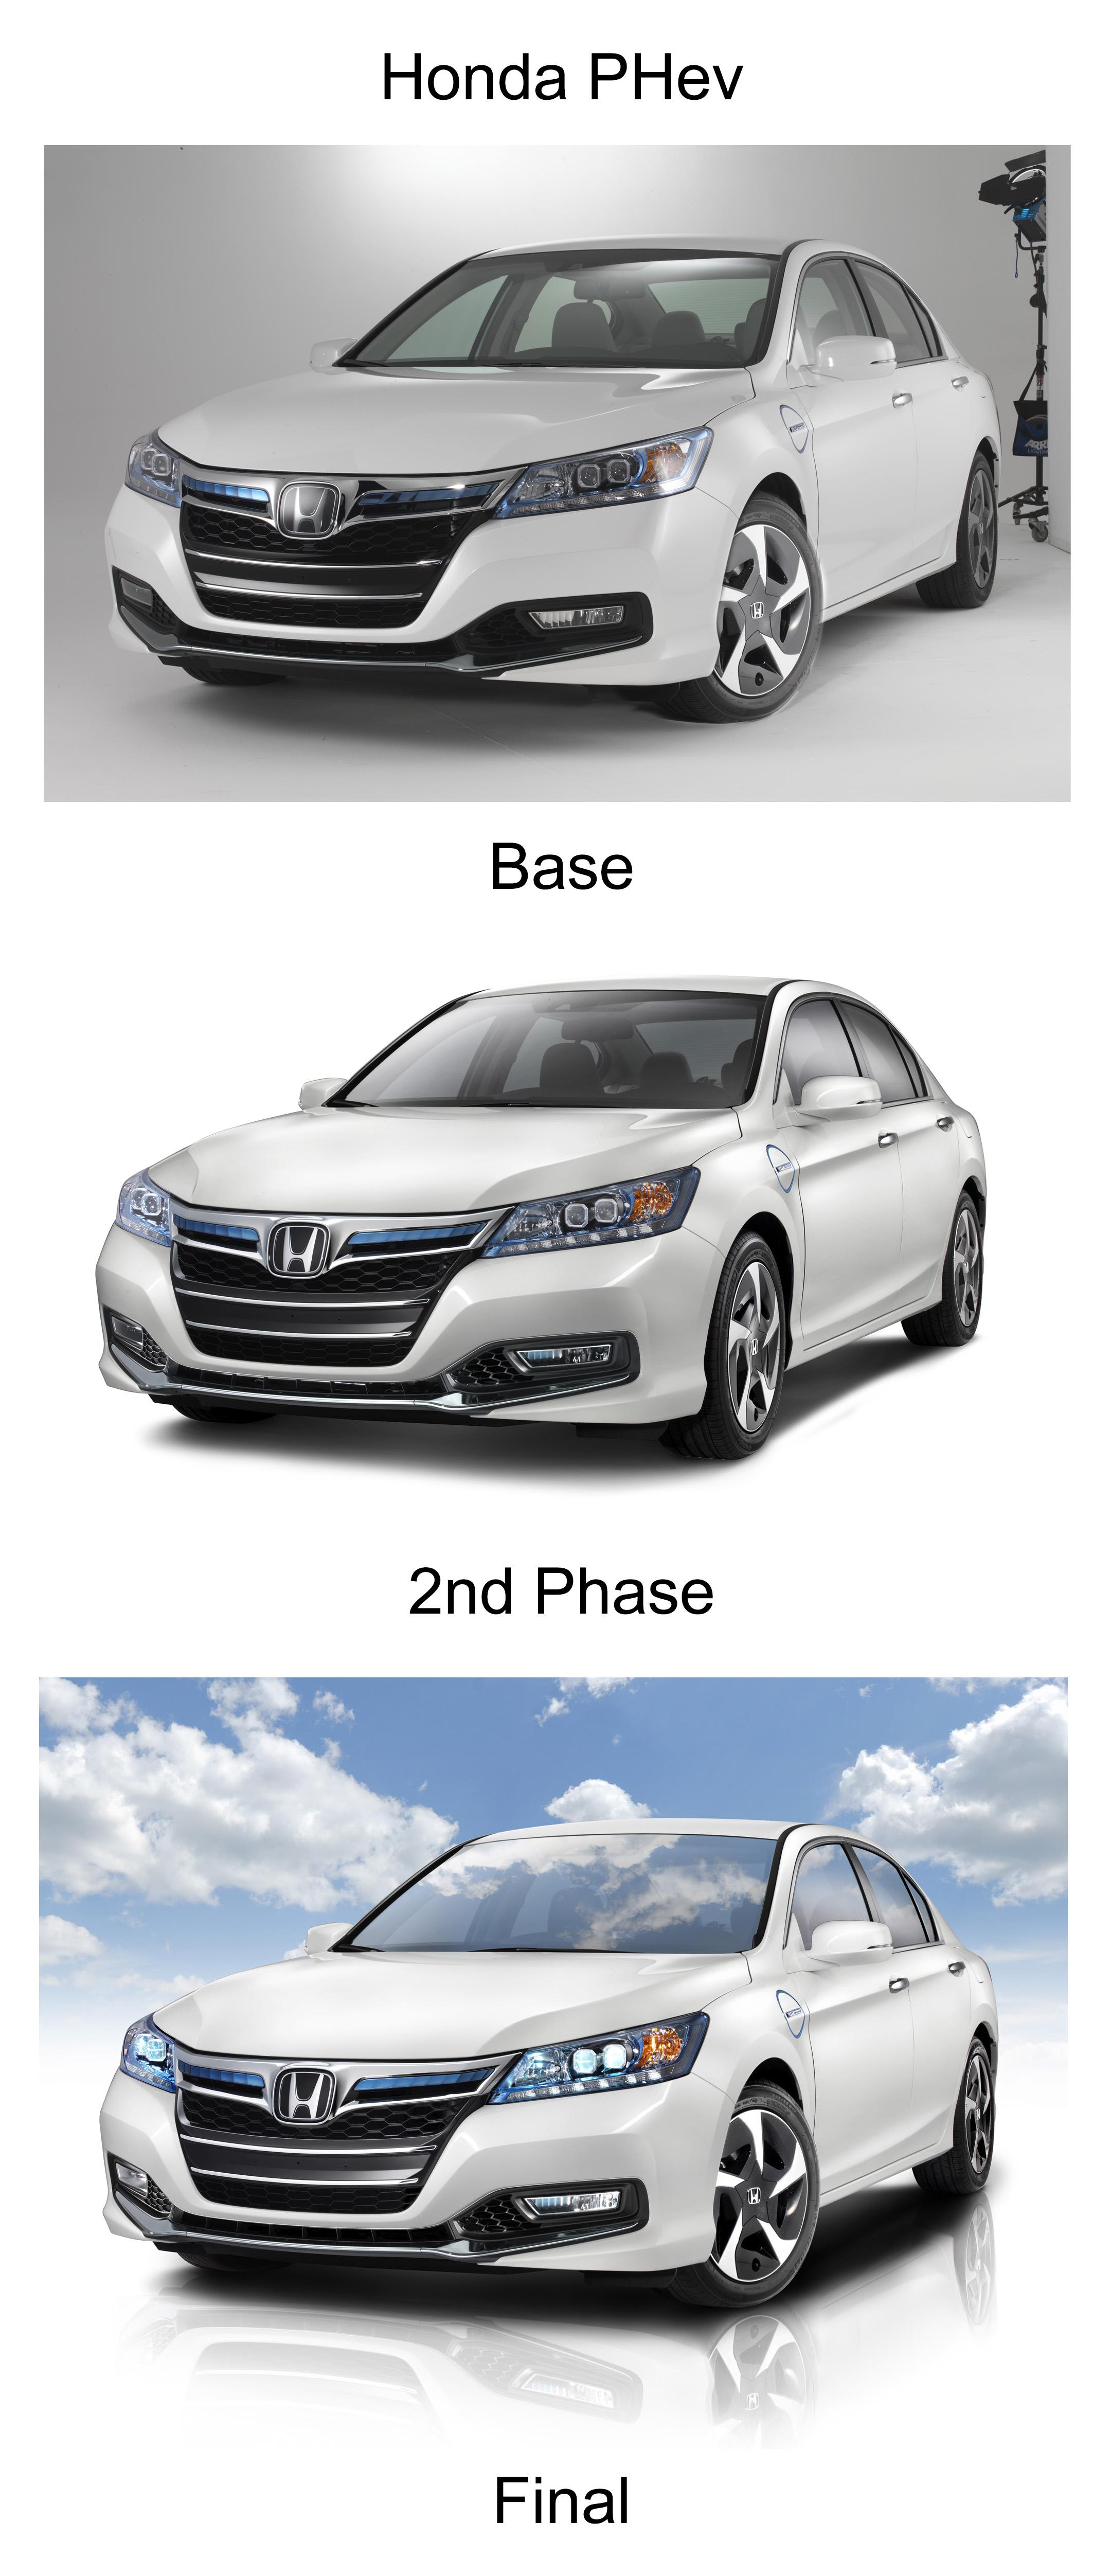 Honda PHev